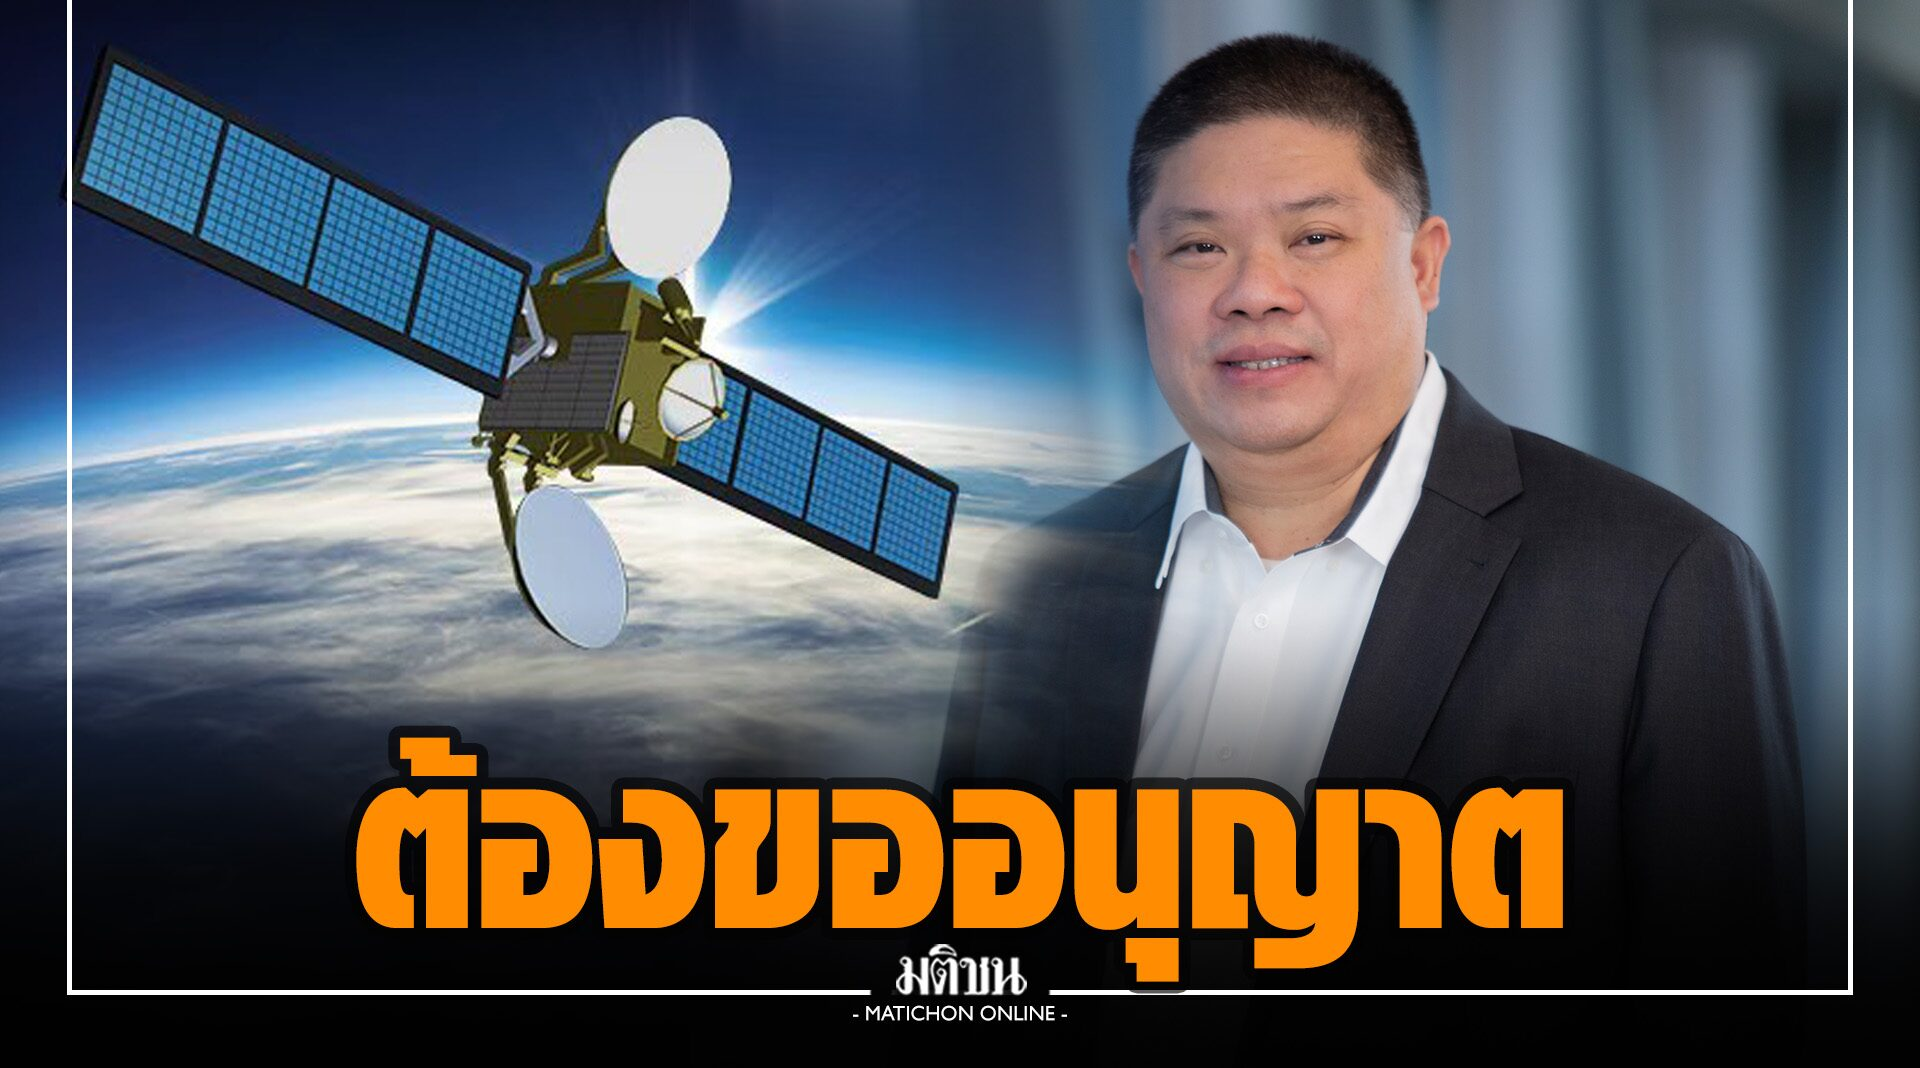 กสทช. เผยบริการอินเตอร์เน็ตดาวเทียมต่างชาติในไทย ต้องได้รับอนุญาตจาก กสทช.